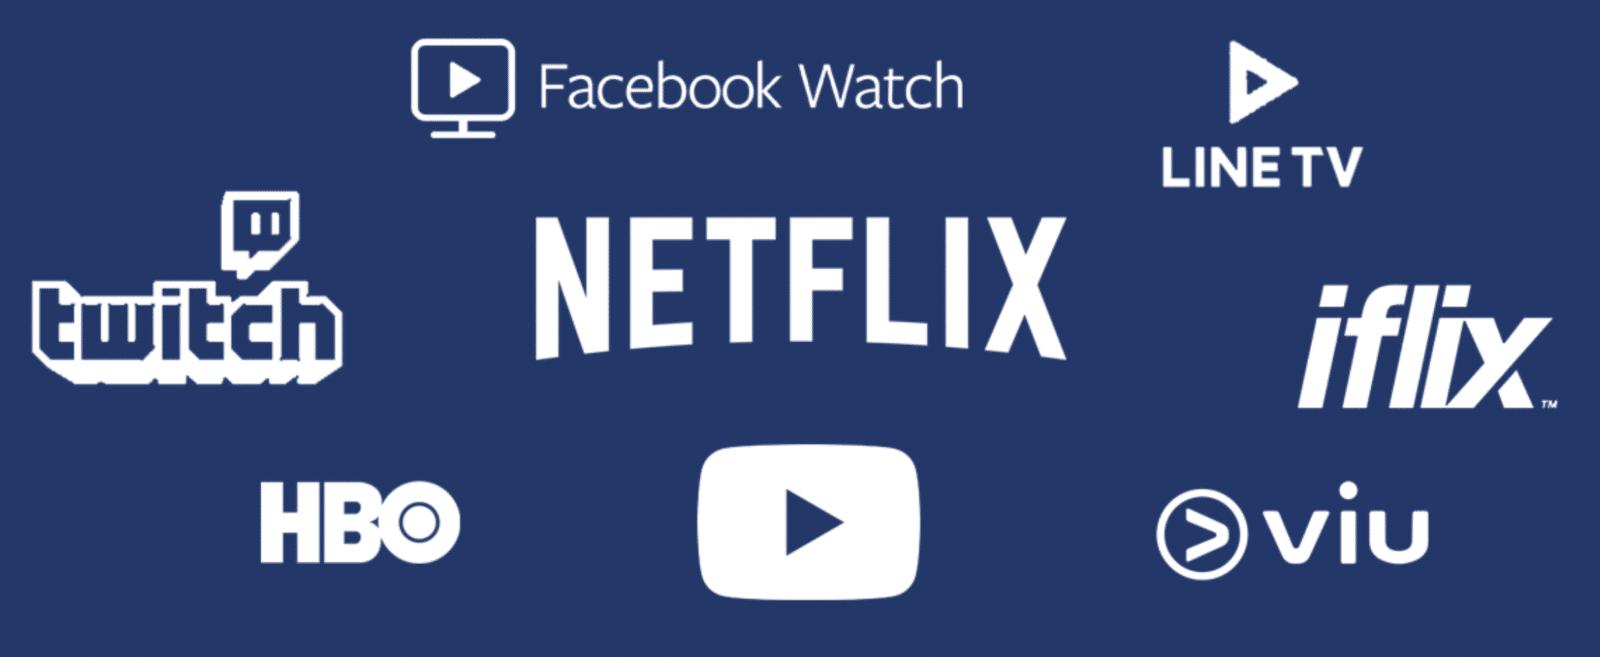 ทำไมเรียก YouTube, Netflix, iFlix, Viu ว่าเป็น OTT และทฤษฏีเกมแห่งความไม่เท่าเทียม